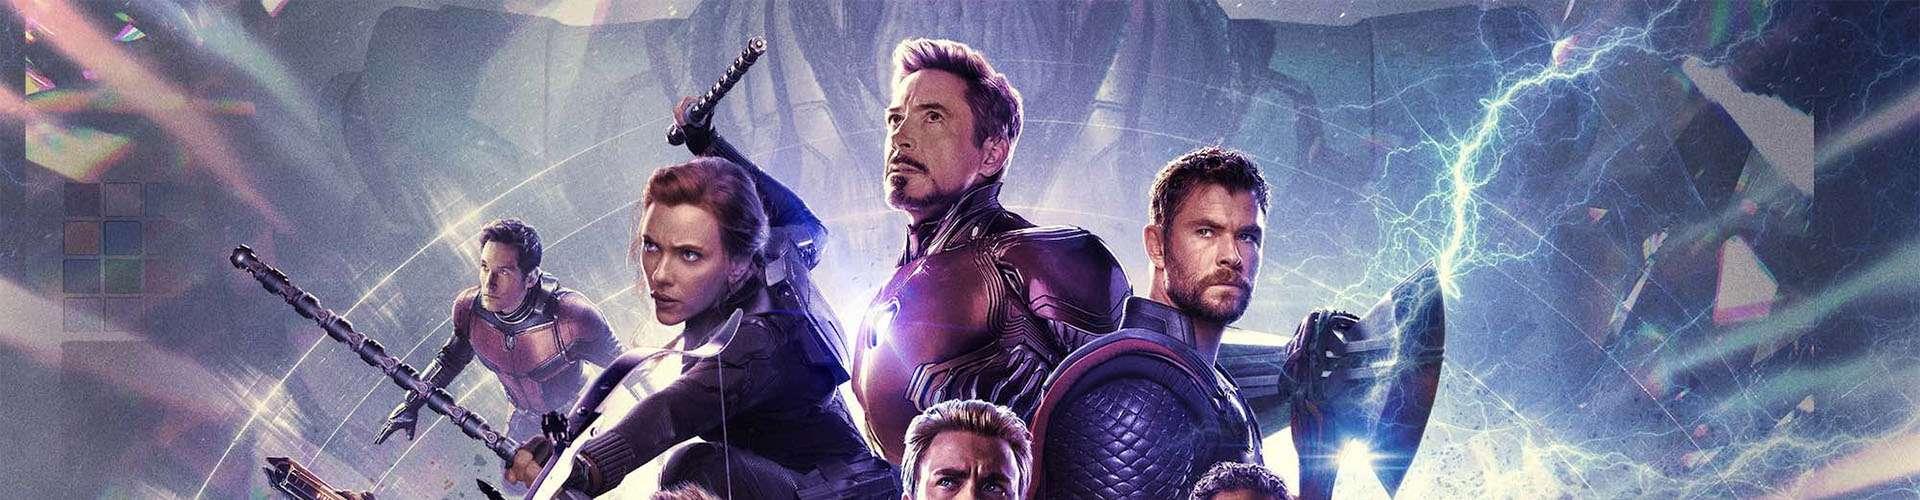 Crítica de Avengers: Endgame